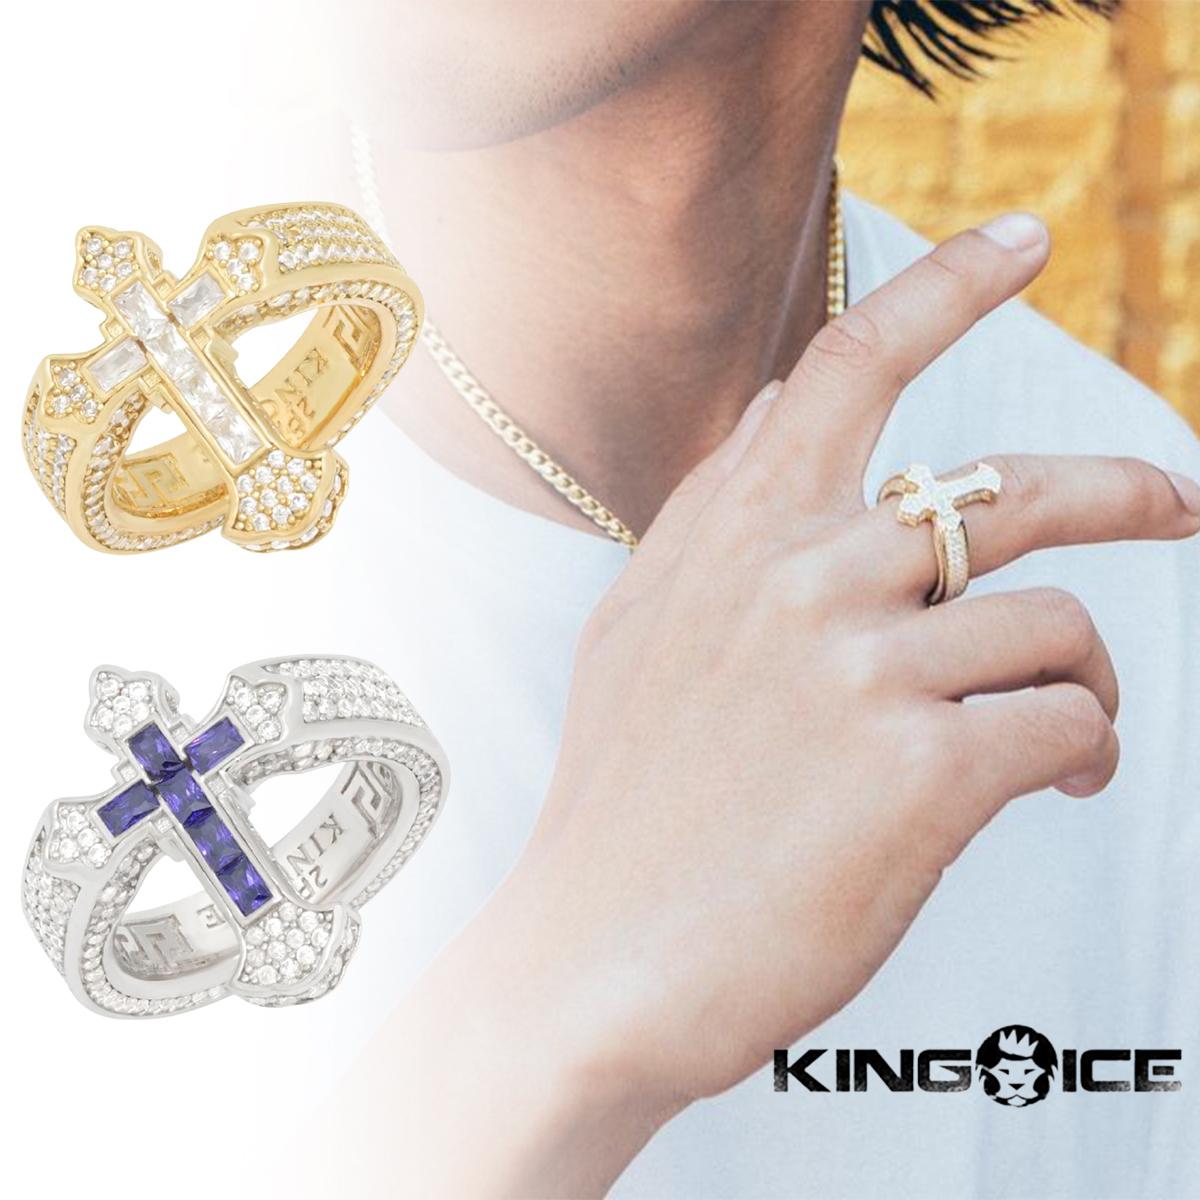 送料無料 KING ICE キングアイス 指輪 リング 2PAC X - FLEUR DE RING メンズ 14kゴールド 人気 CROSS 買収 アクセサリー ブランド LIS GOLD 金 WHITE ランキング総合1位